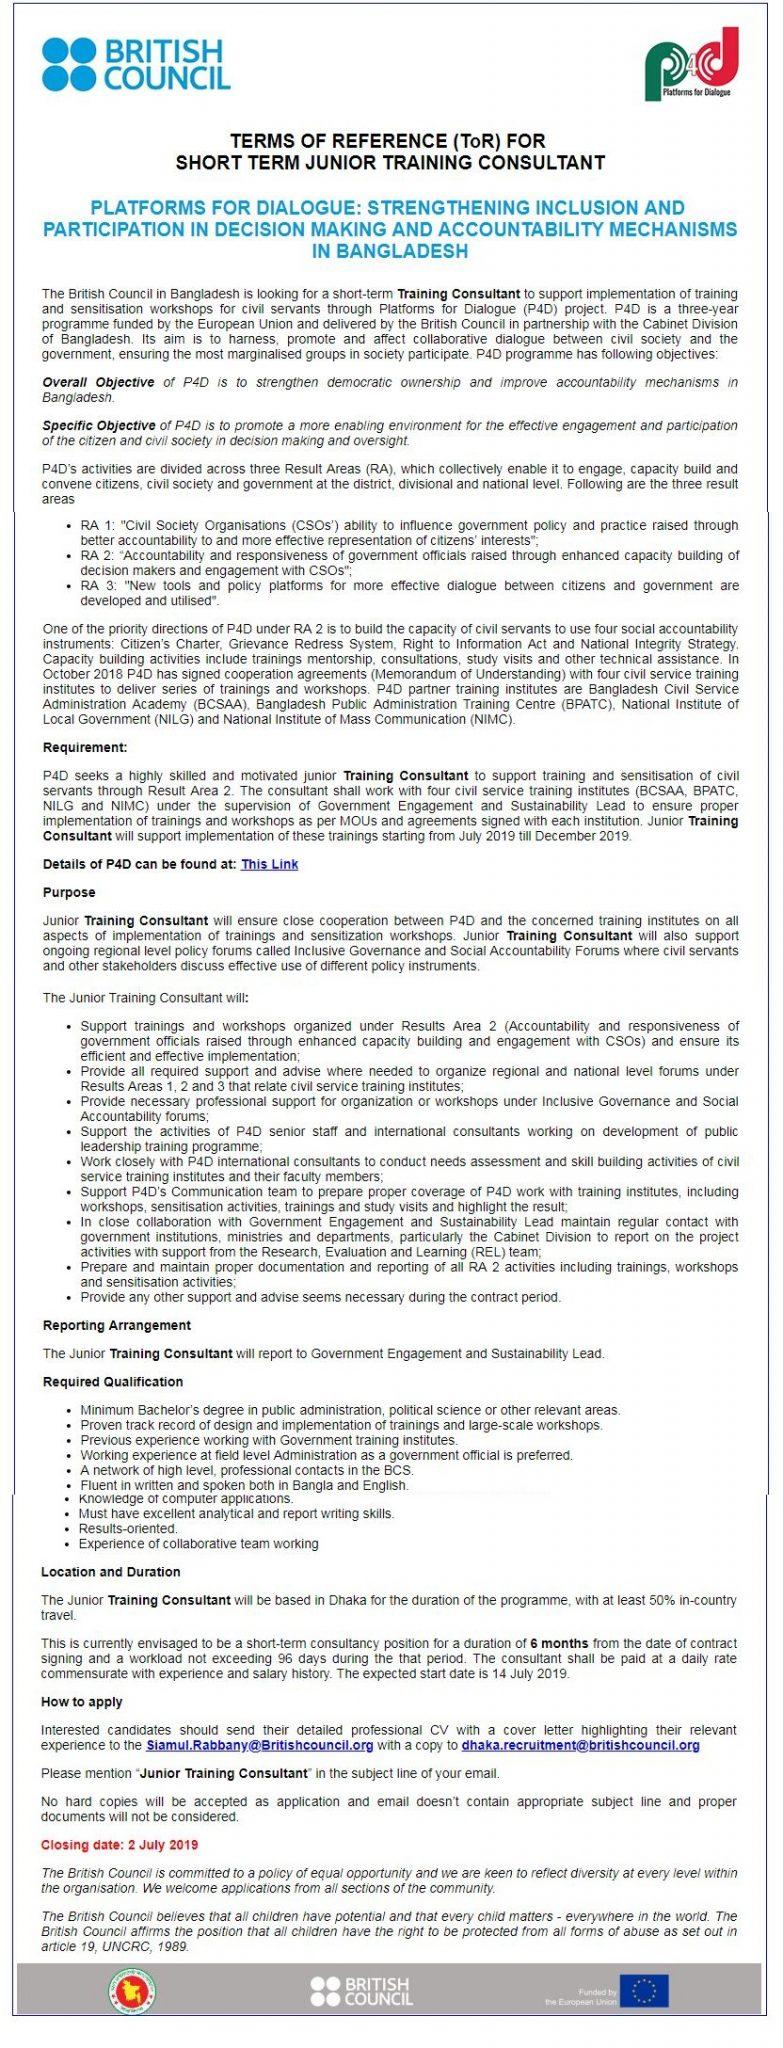 British Council Job Circular 2019